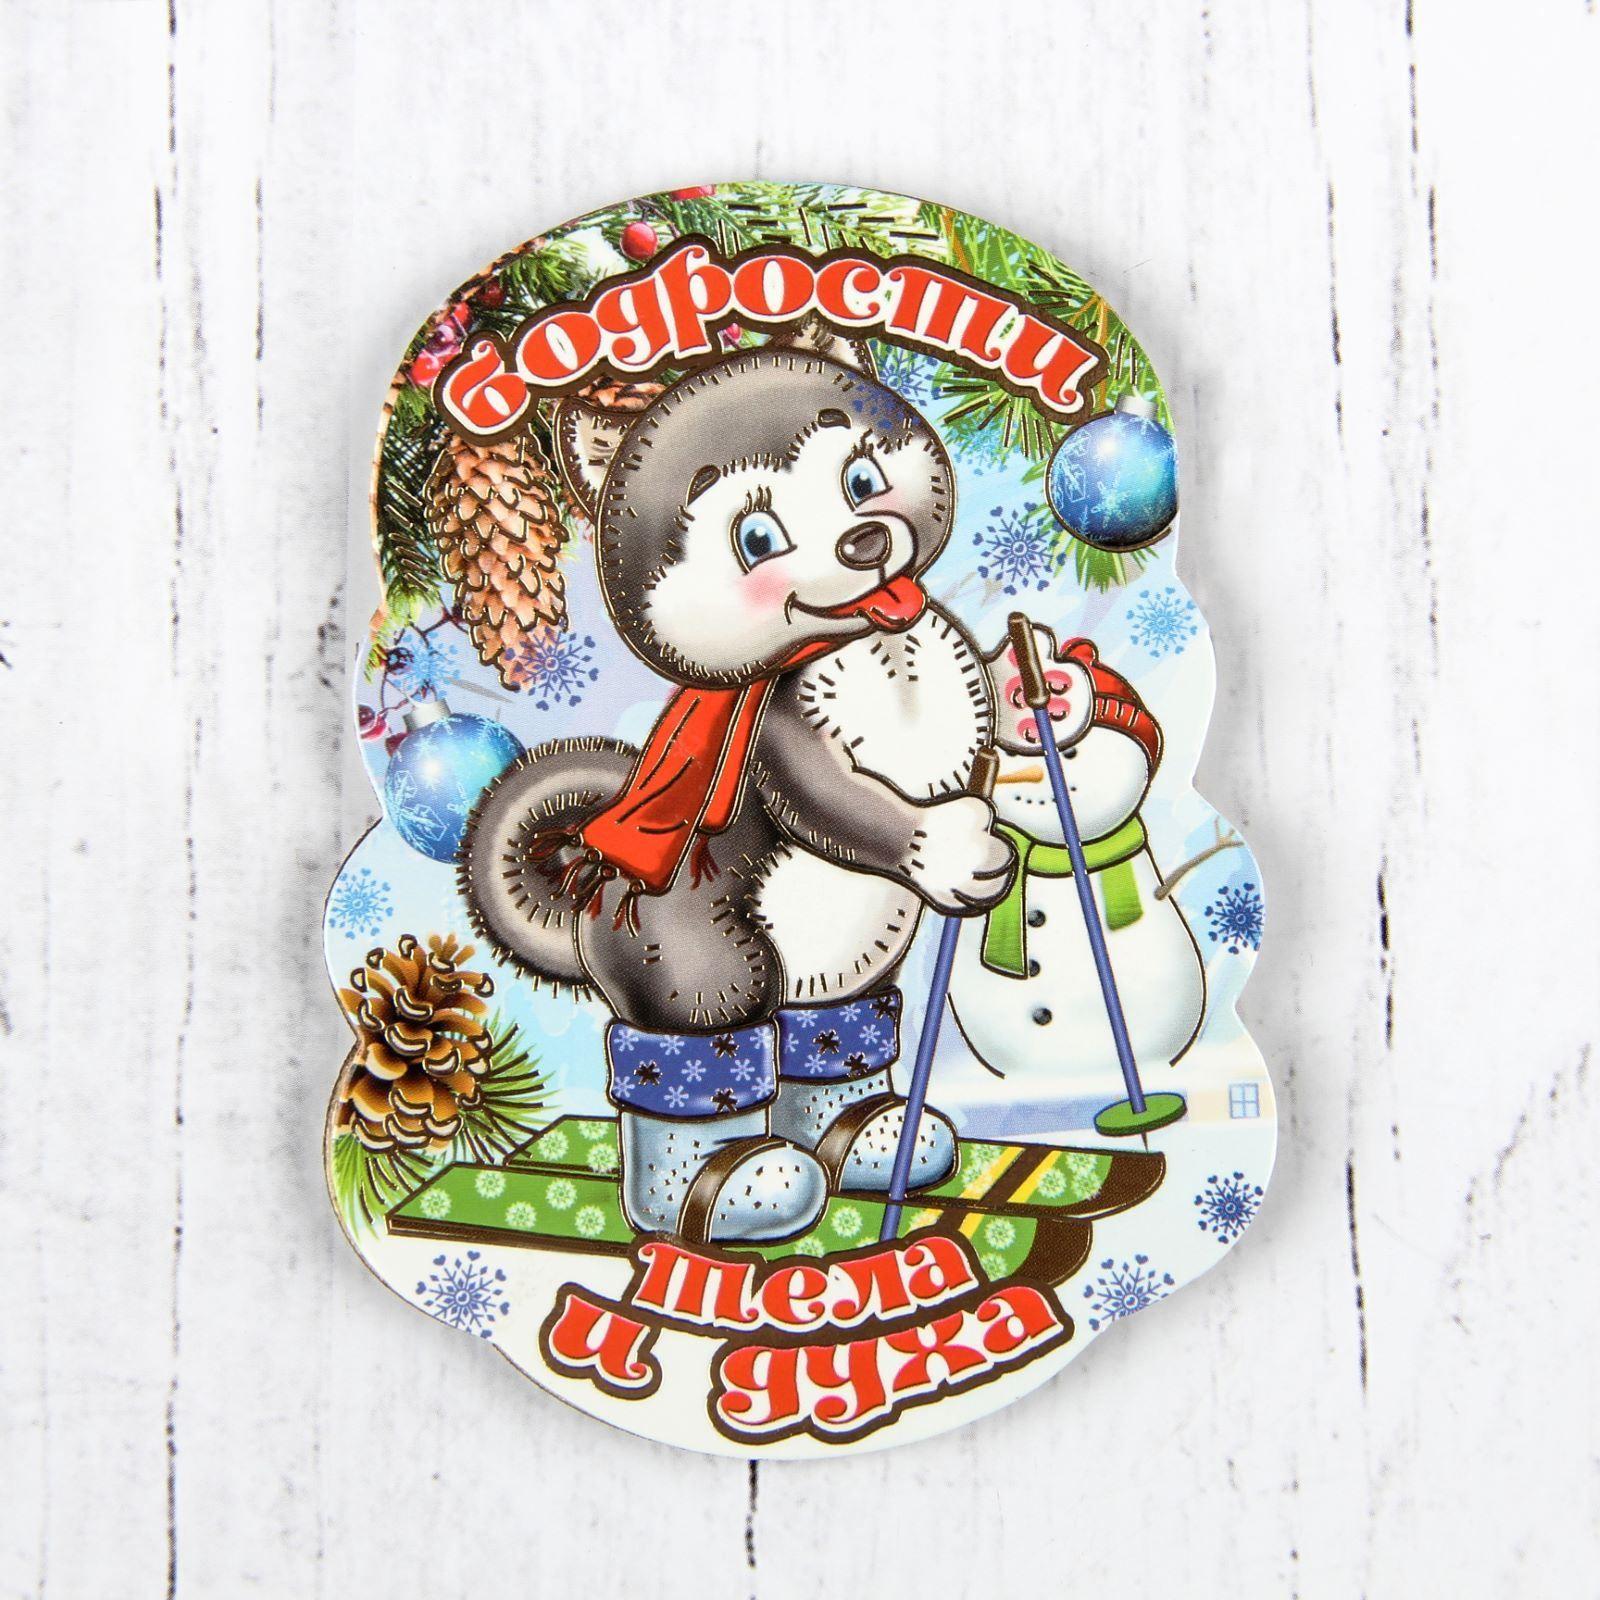 Магнит Sima-land Новогодний. 2018, 10 х 7,5 см. 25323992532399Порадуйте родных и близких оригинальным сувениром: преподнесите в подарок магнит. С ним даже самый серьезный человек почувствует себя ребенком, ожидающим чудо! Прикрепите его к любой металлической поверхности, и он удержит на виду важные записки, любовные послания или просто список продуктов.Создайте праздничное настроение, и оно останется с вами на весь год.